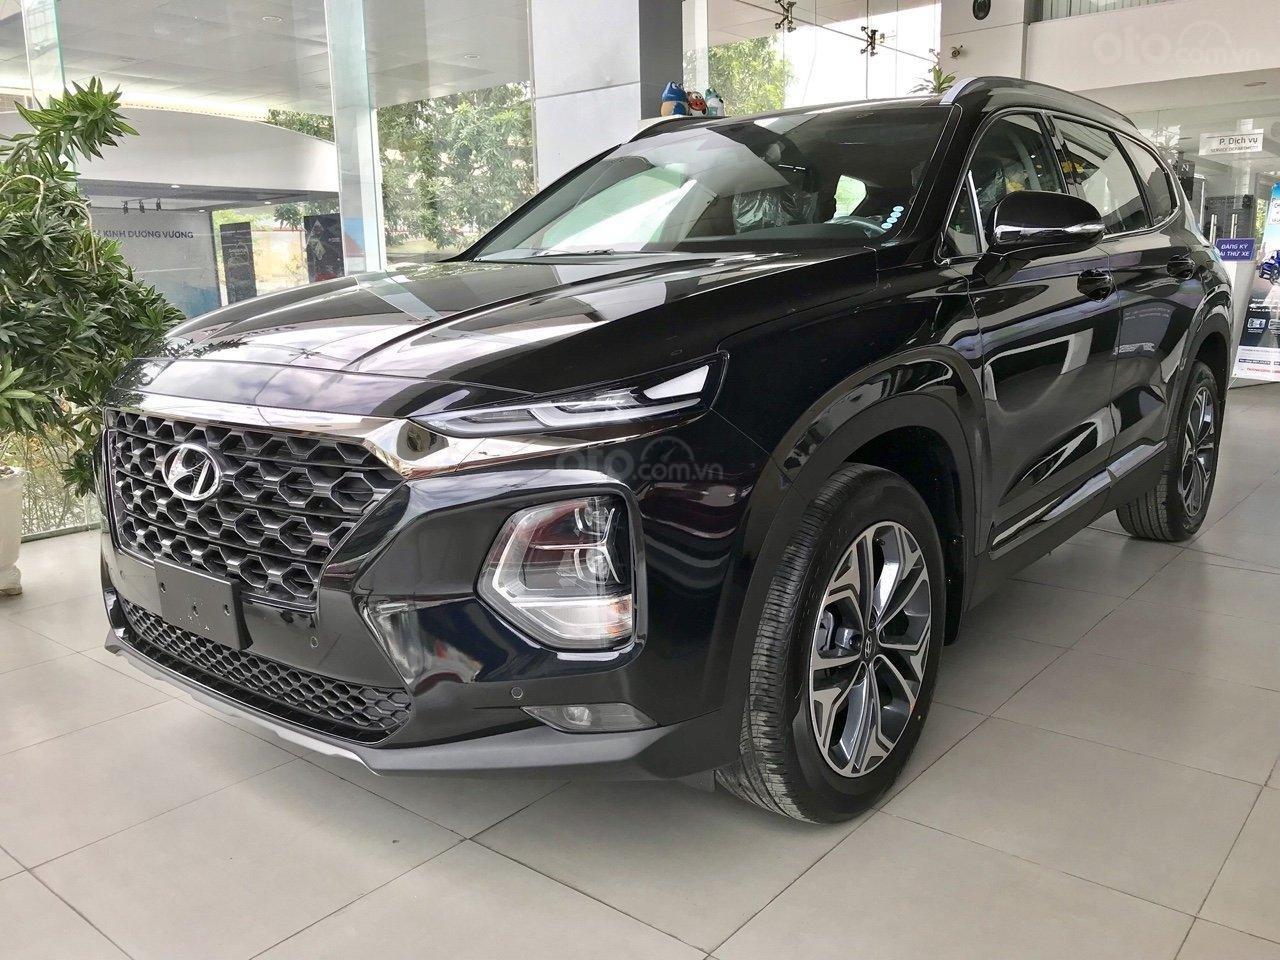 Xả kho Hyundai Santa Fe dầu đặc biệt màu đen + hỗ trợ trả trước 370tr tậu xe (6)